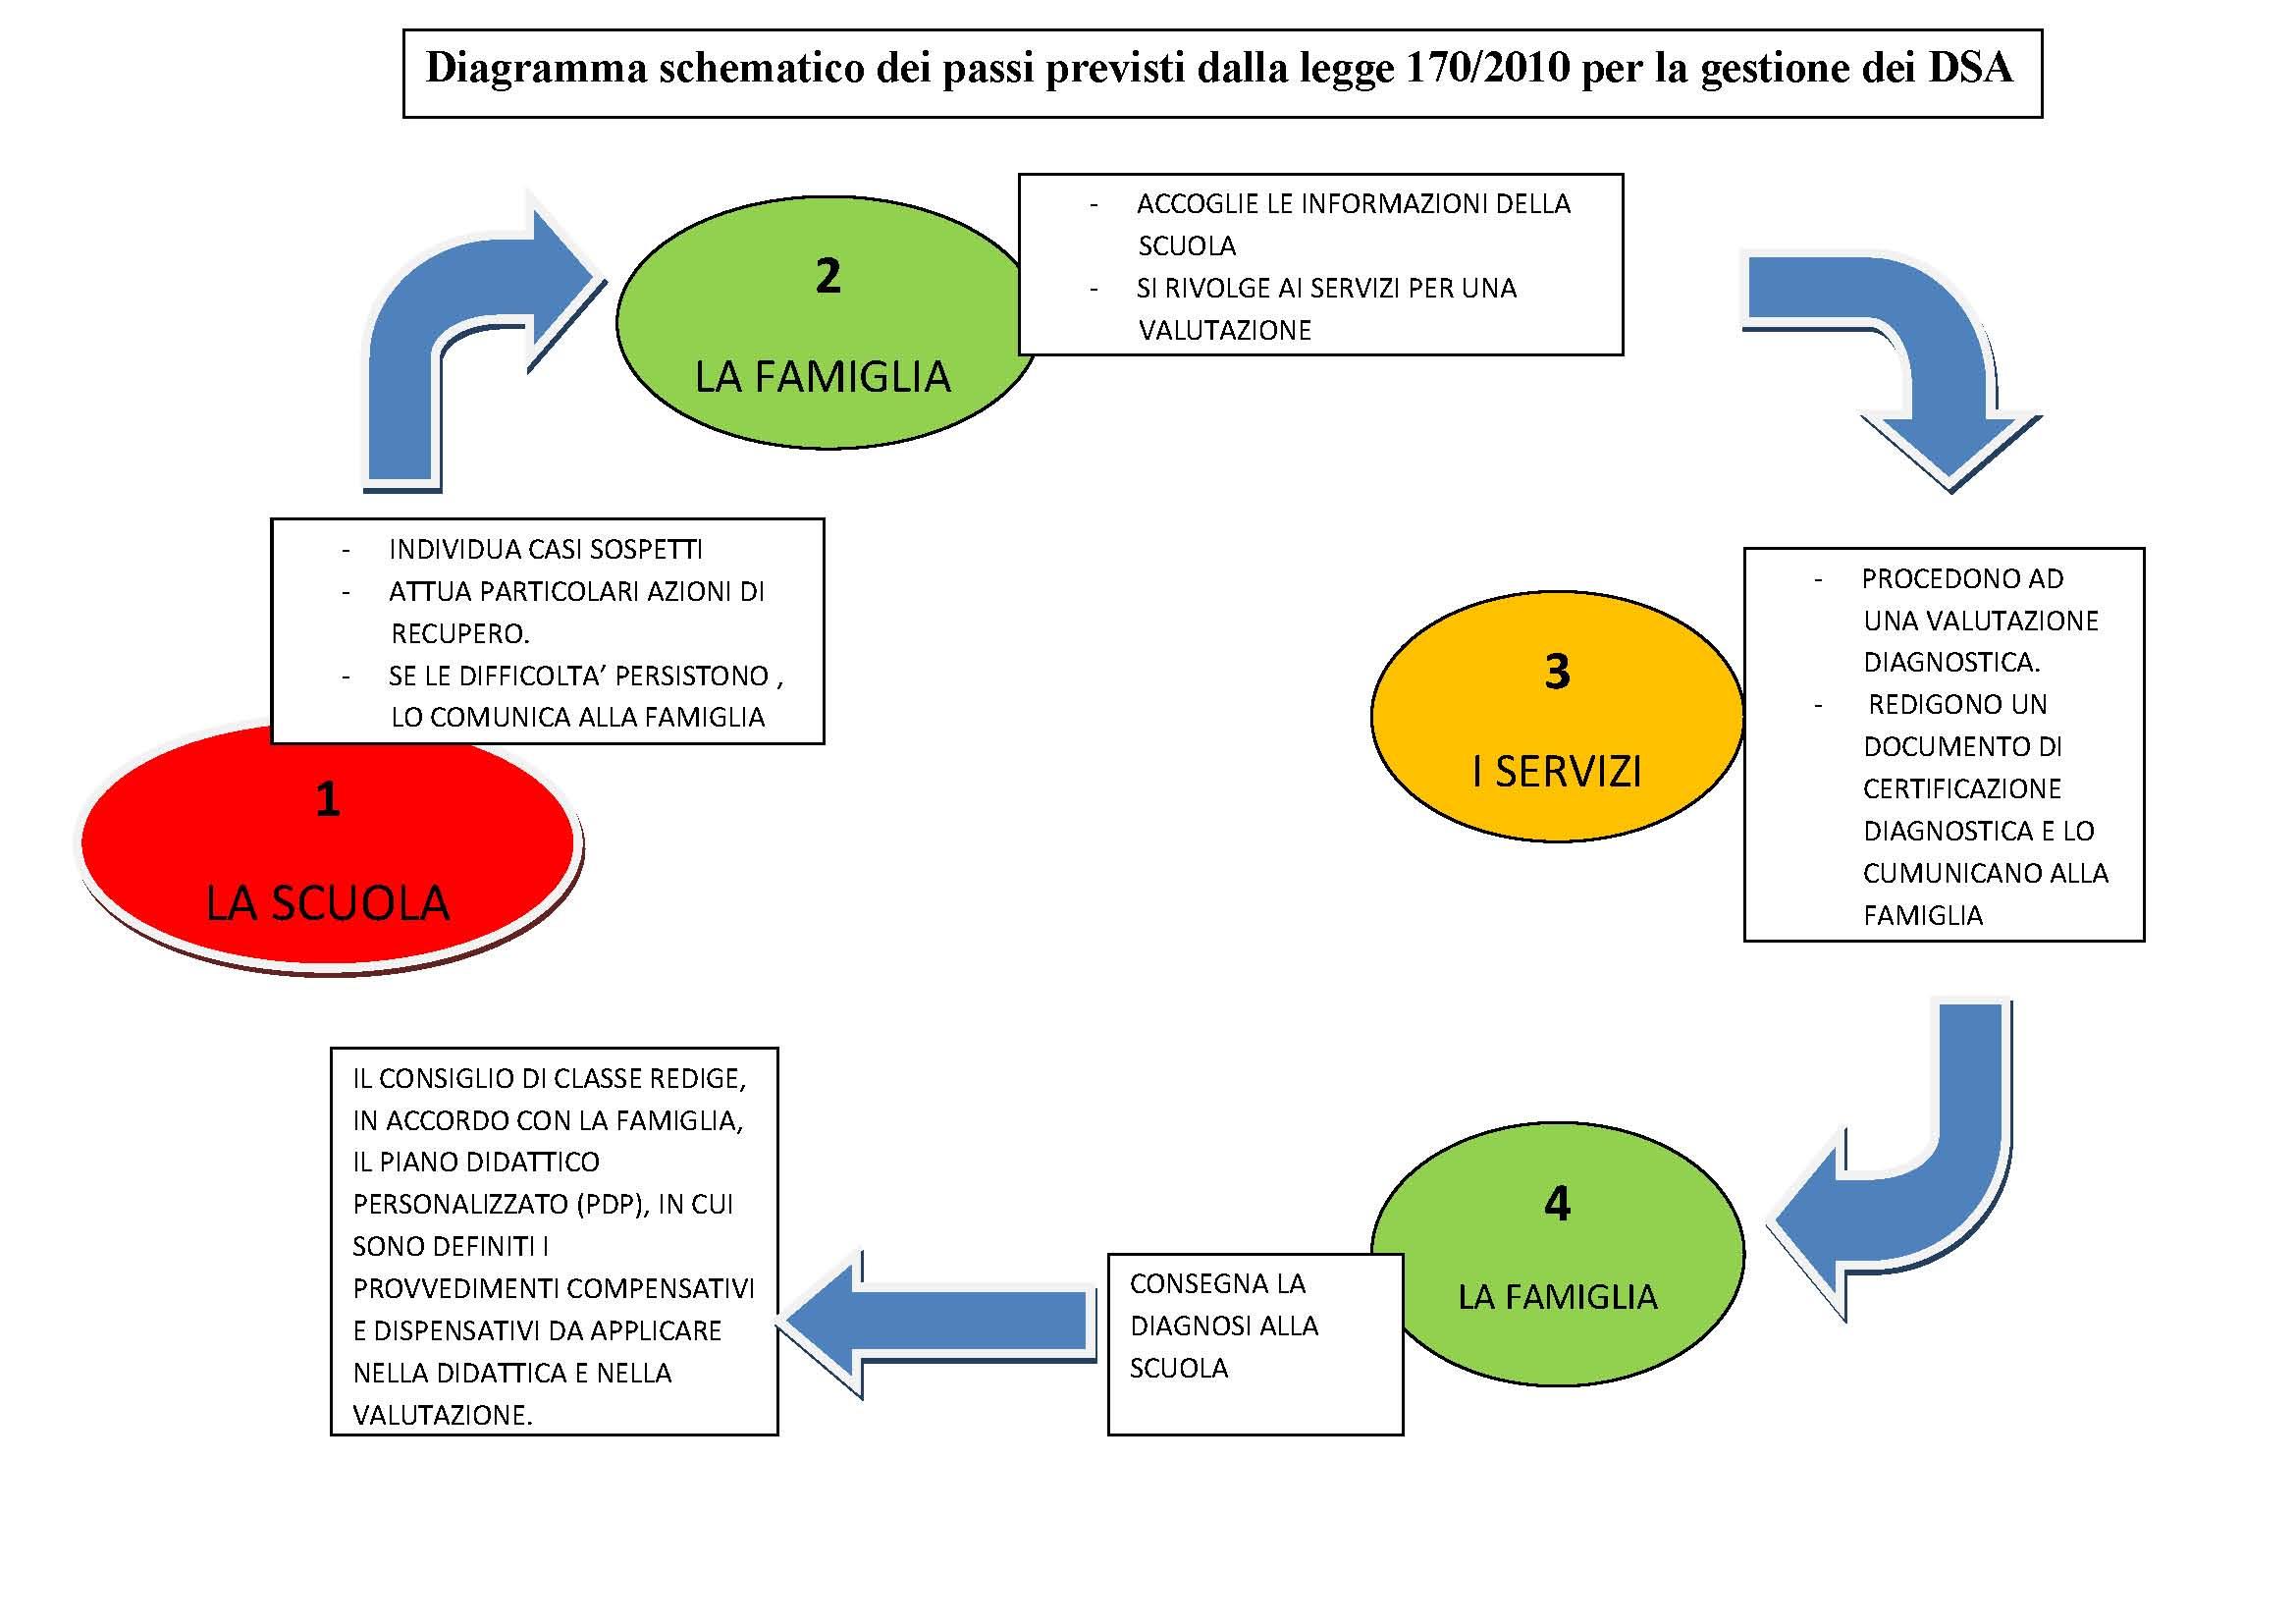 Osservazione e valutazione dsa inclusivit e bisogni for Chi fa le leggi in italia